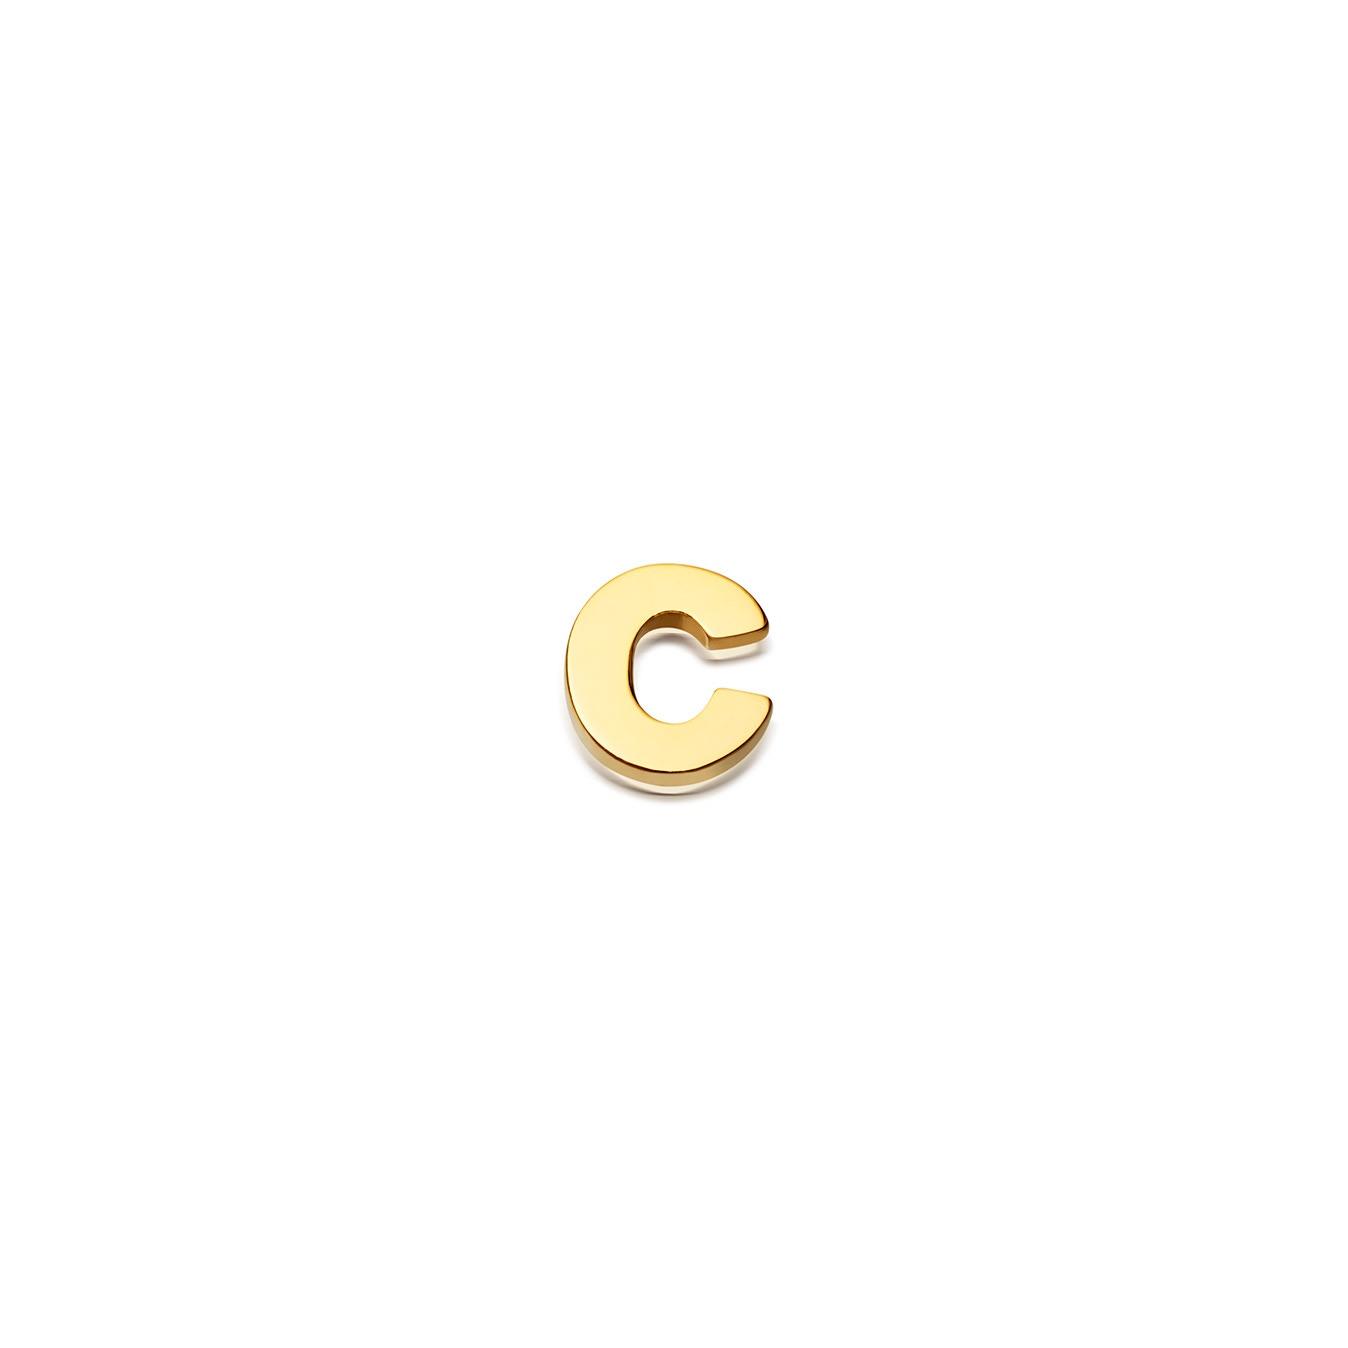 Initial 'C' Biography Pin